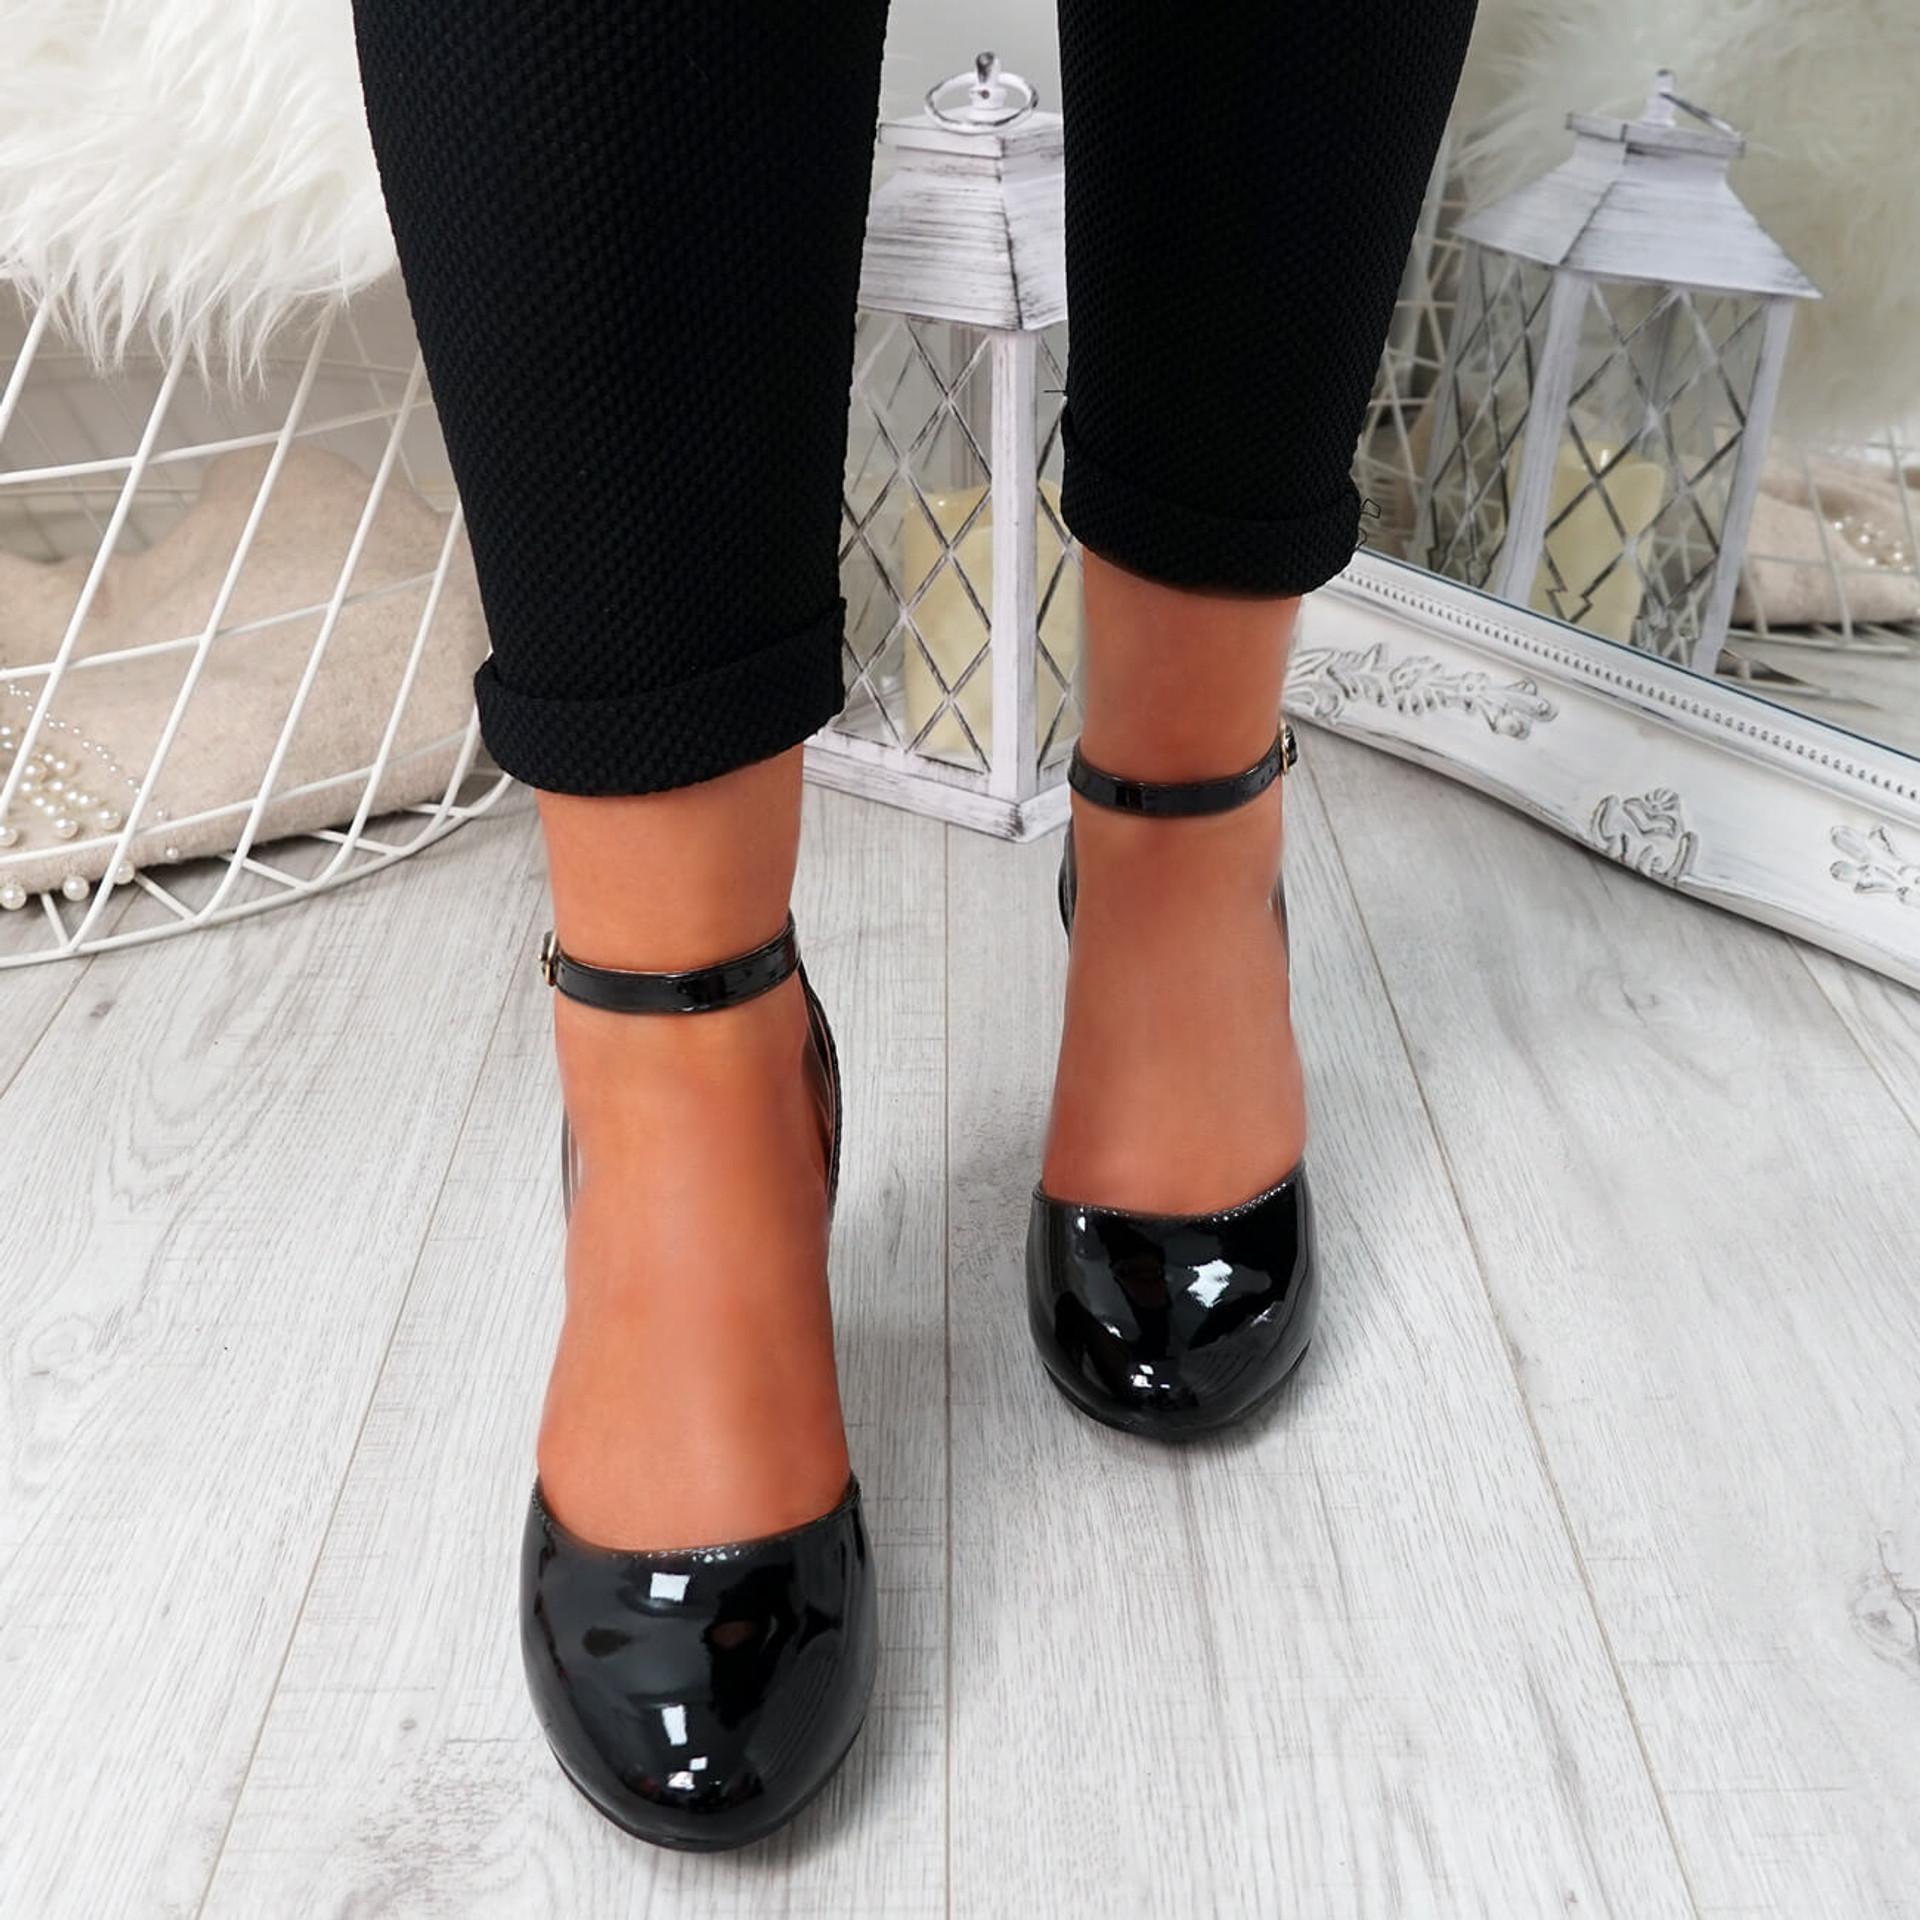 Wicca Black Block Heel Pumps